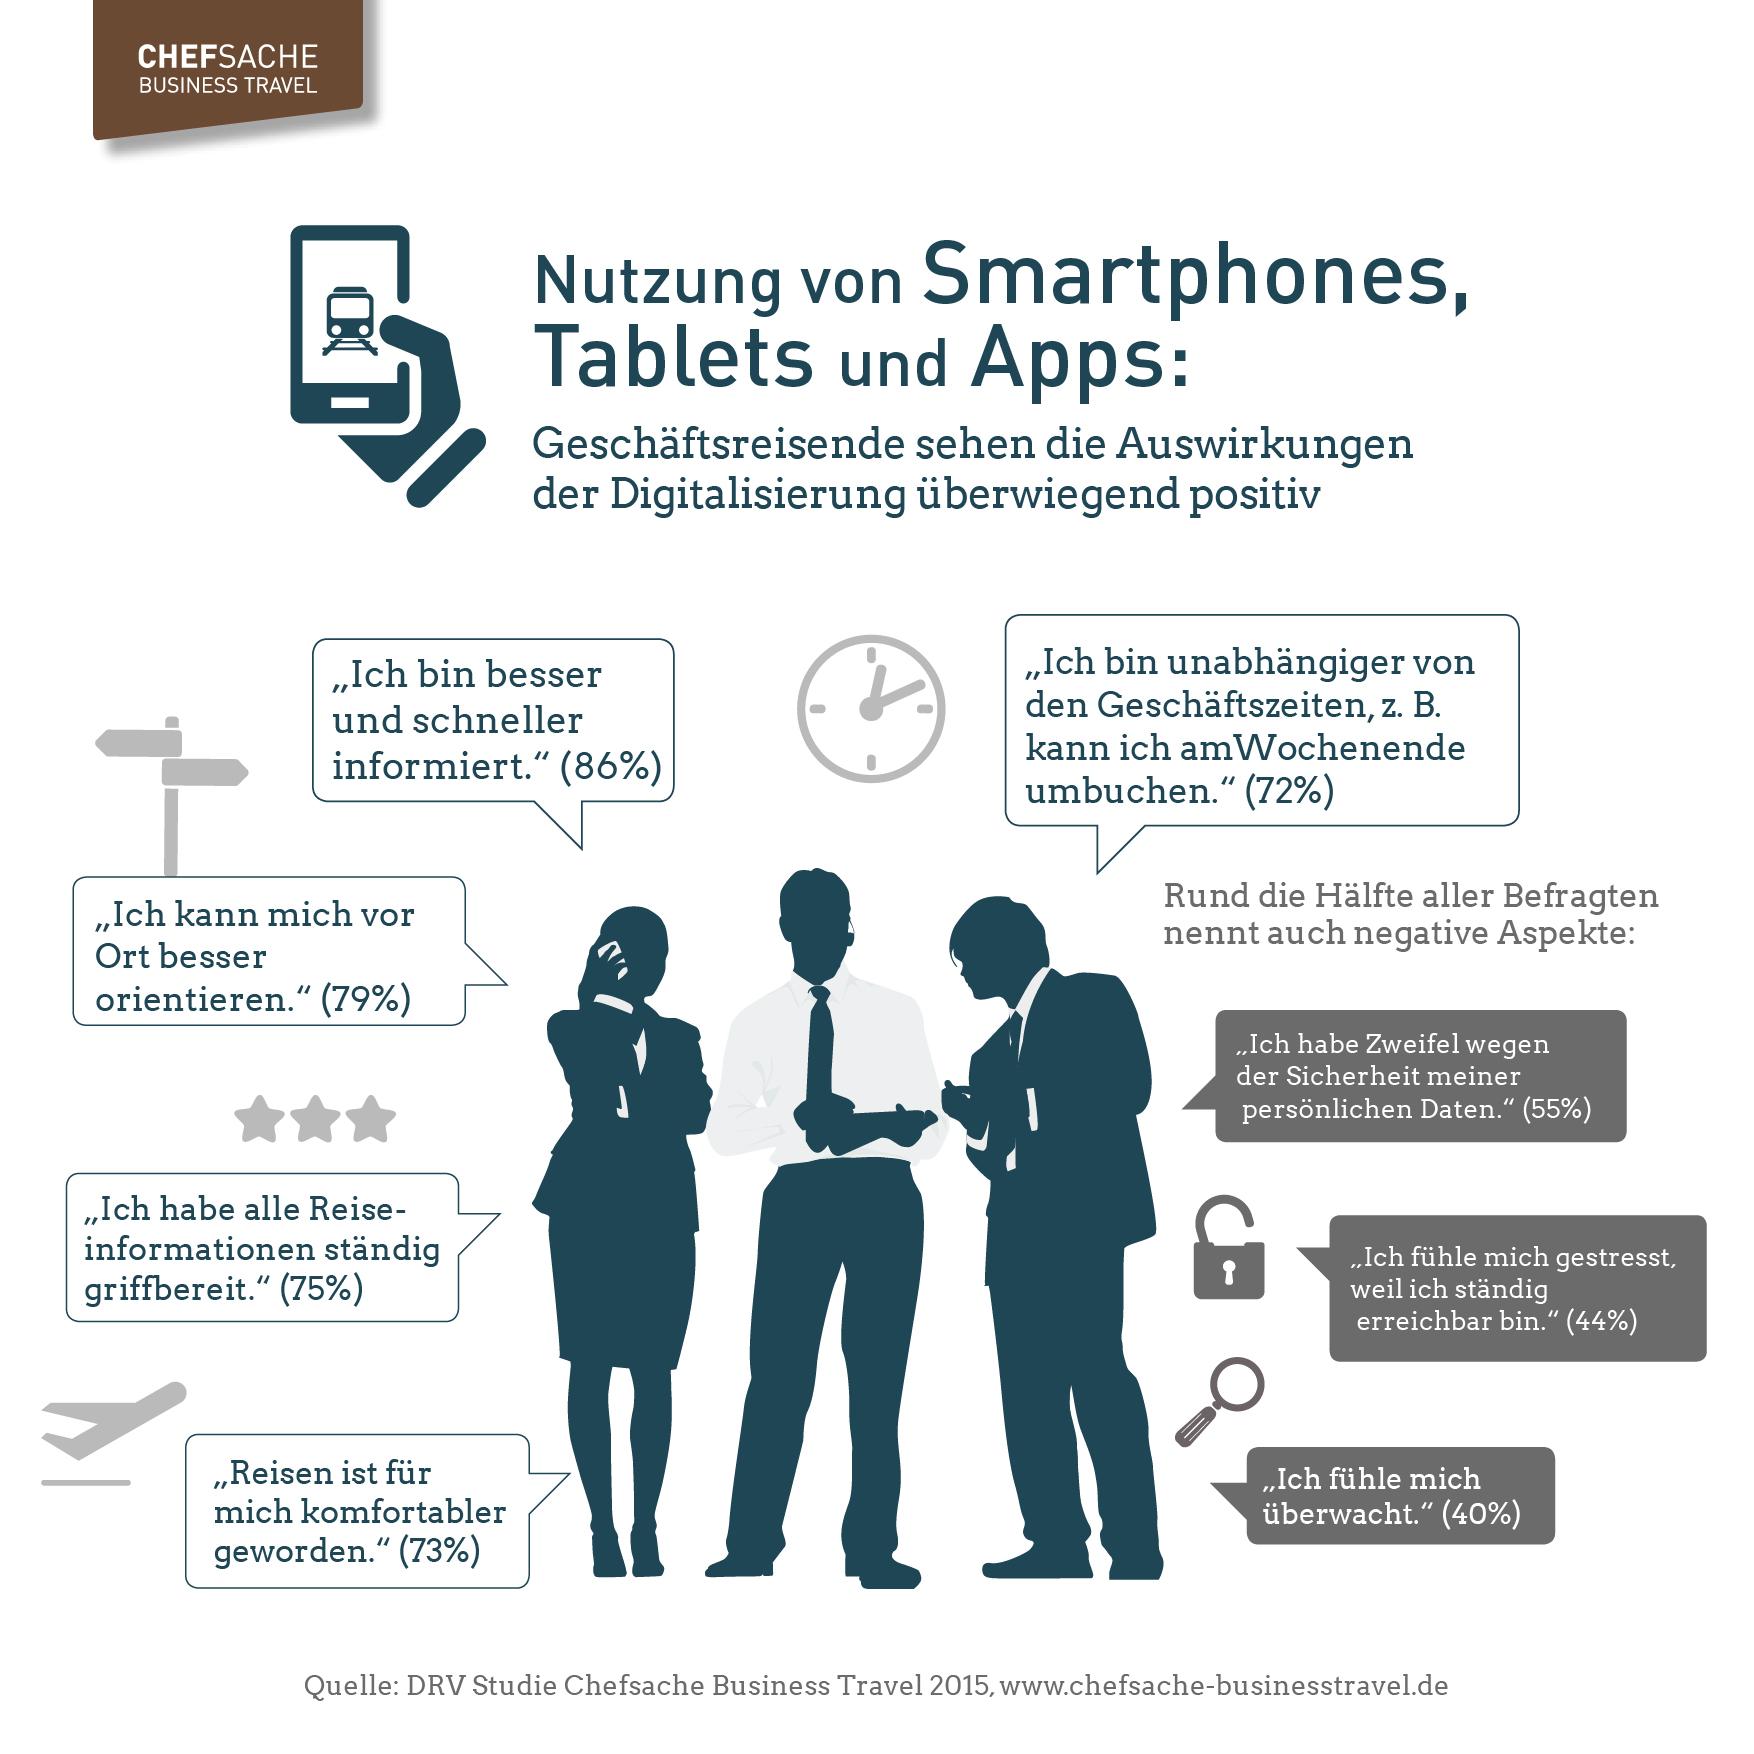 Digitalisierung definition